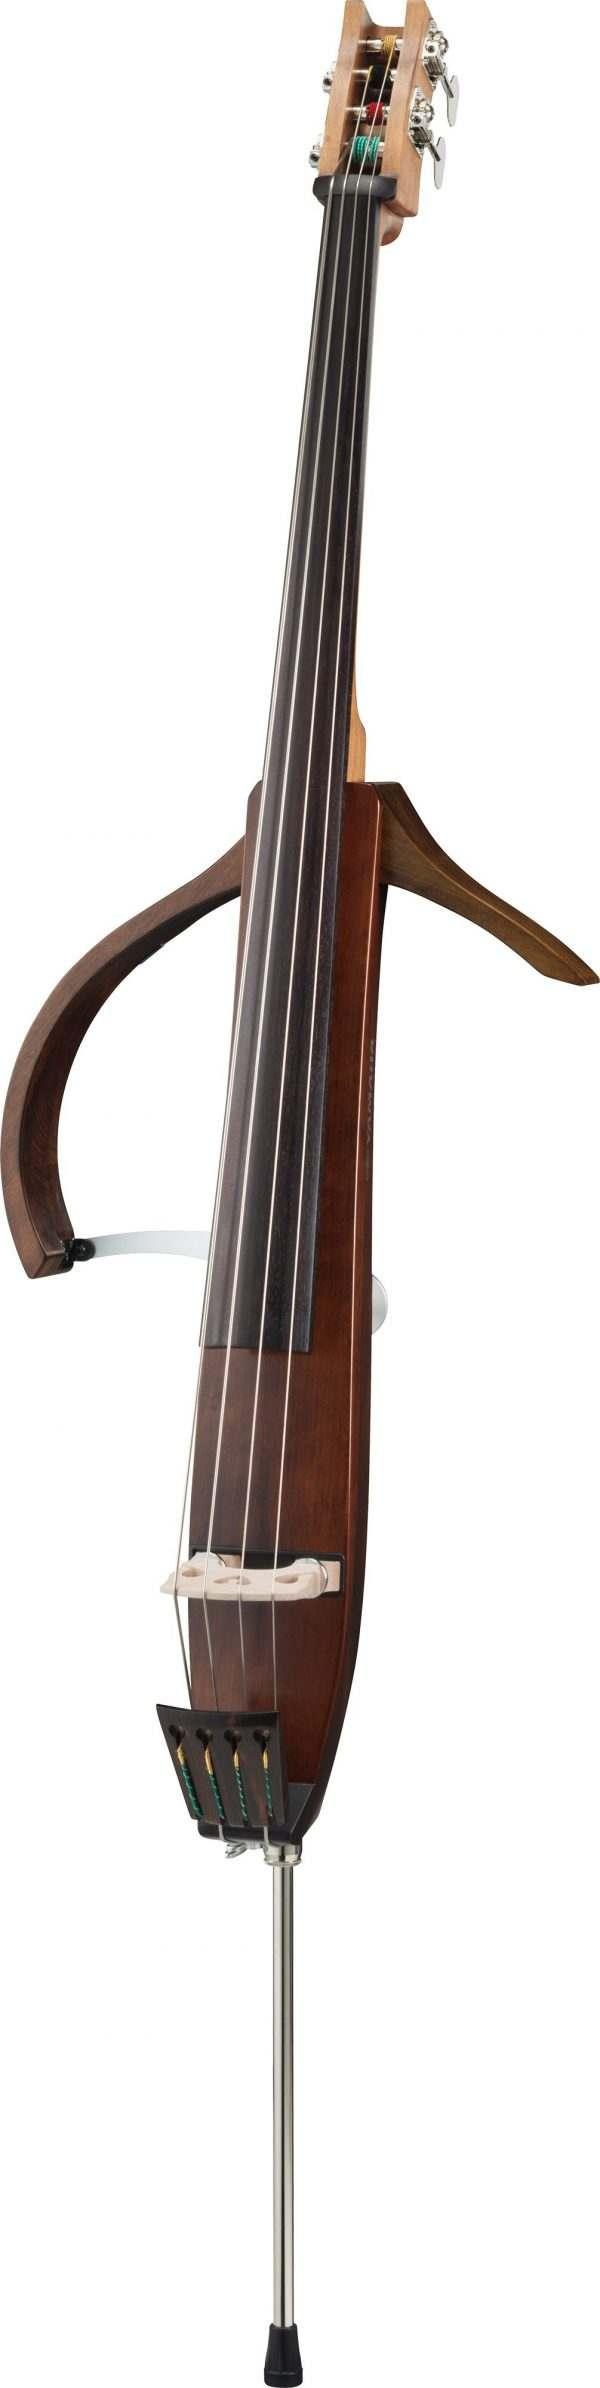 Yamaha Silent Bass SLB-300